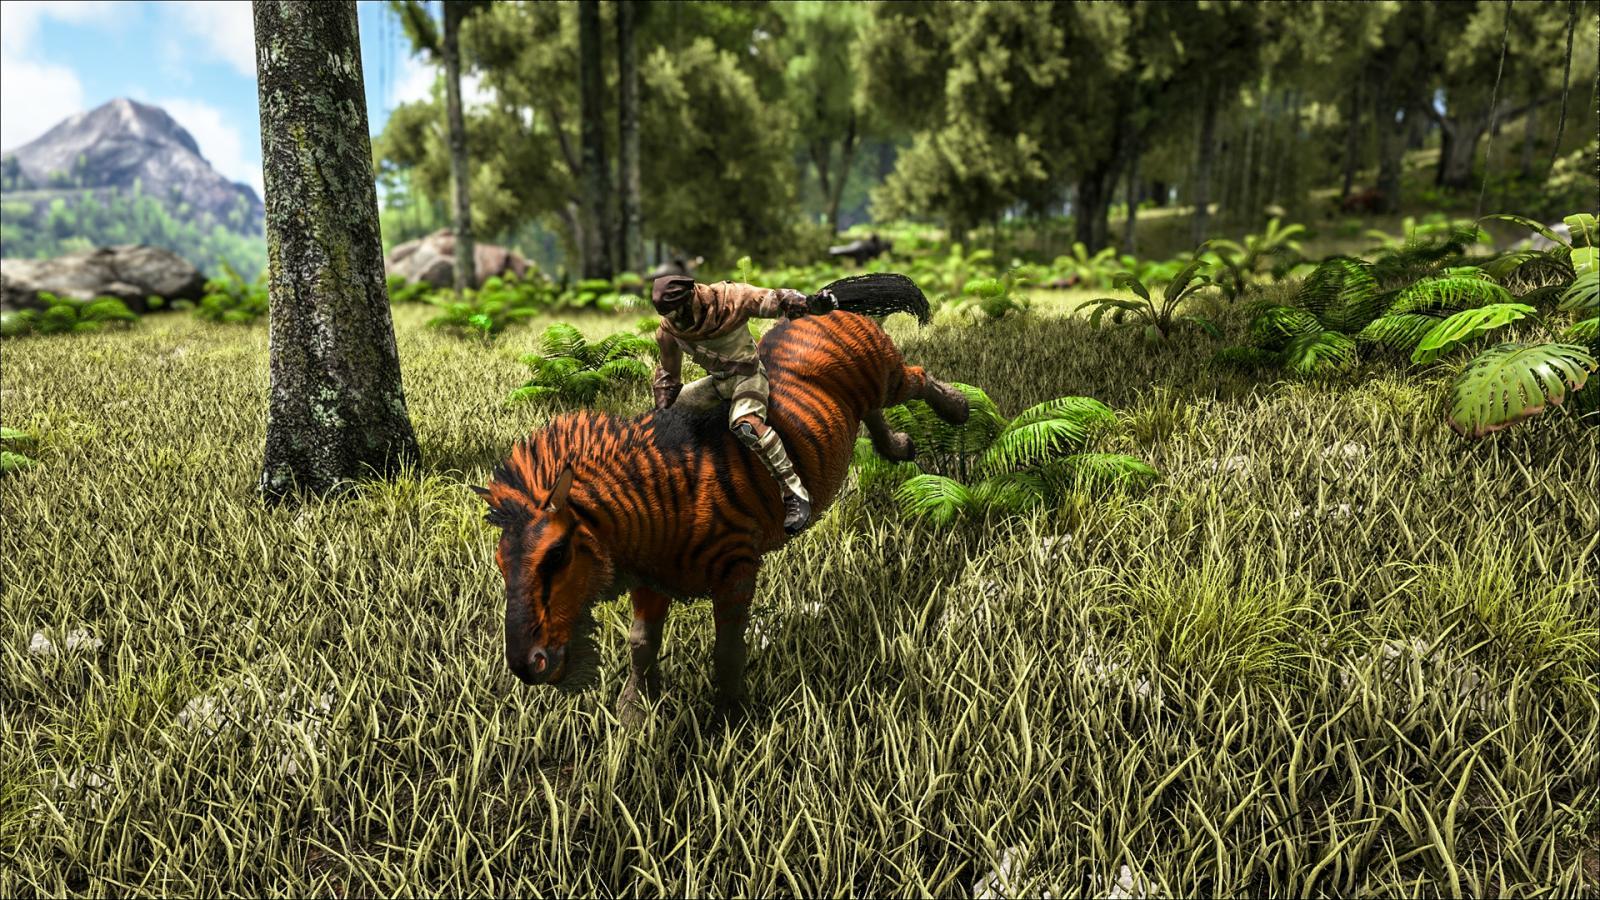 Patch 256: Equus, Leedsichthys, Ichthyornis, Iguanodon, Underwater